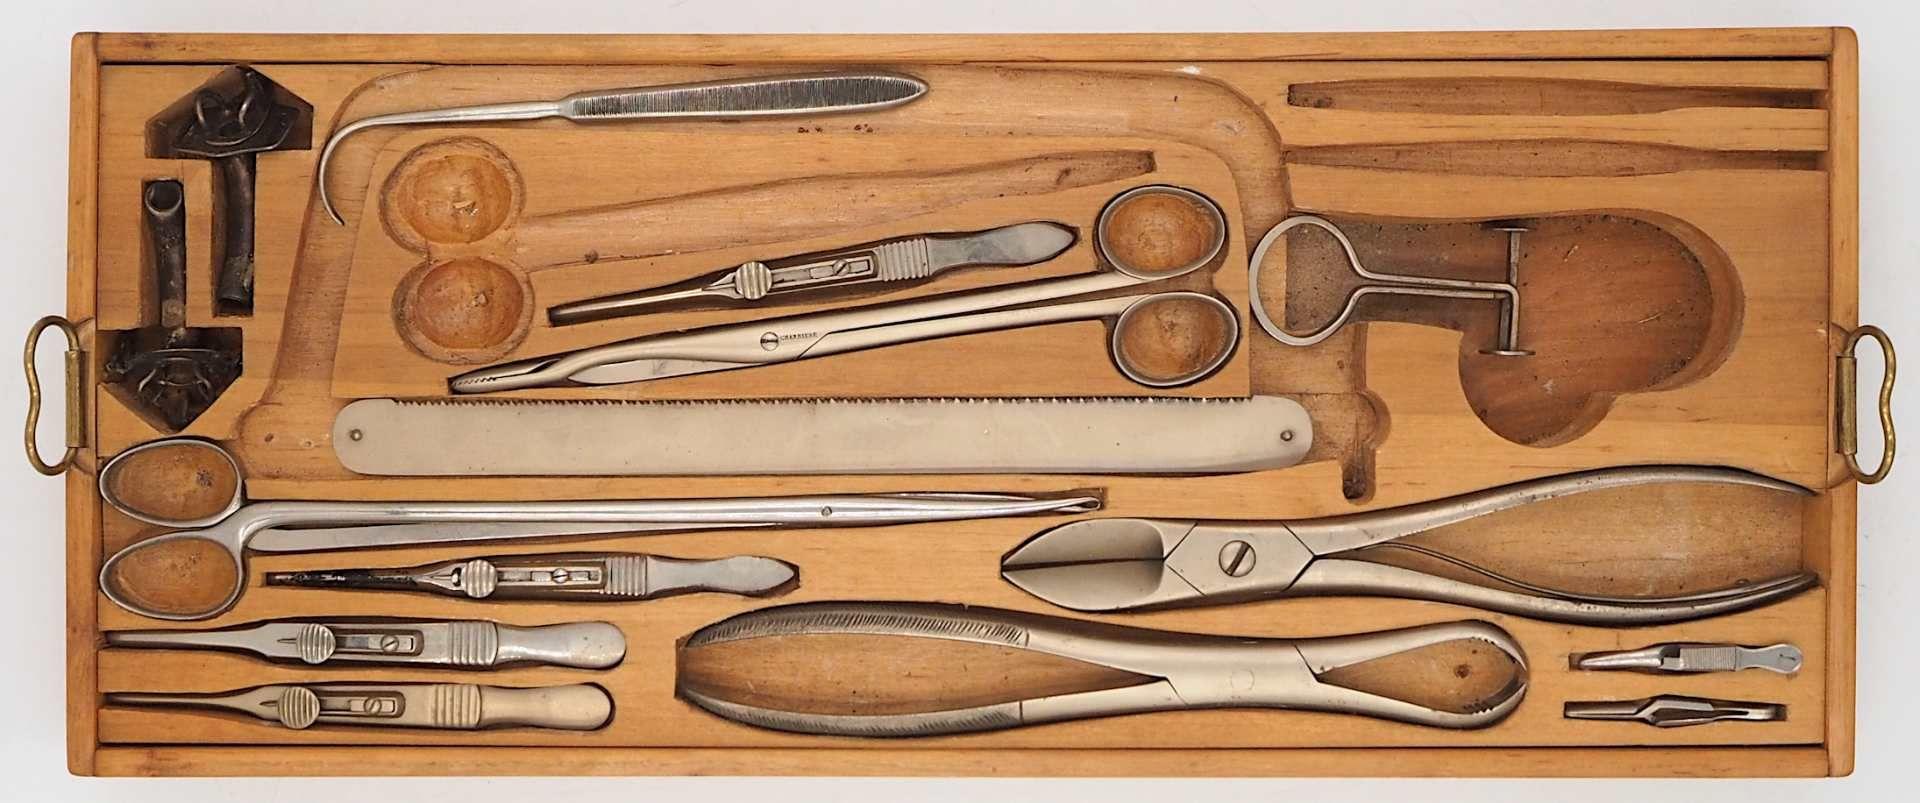 1 Holztragekoffer mit chirurgischen Instrumenten R. DETERT, Berlin, 20. Jh. mit chirur - Bild 3 aus 3